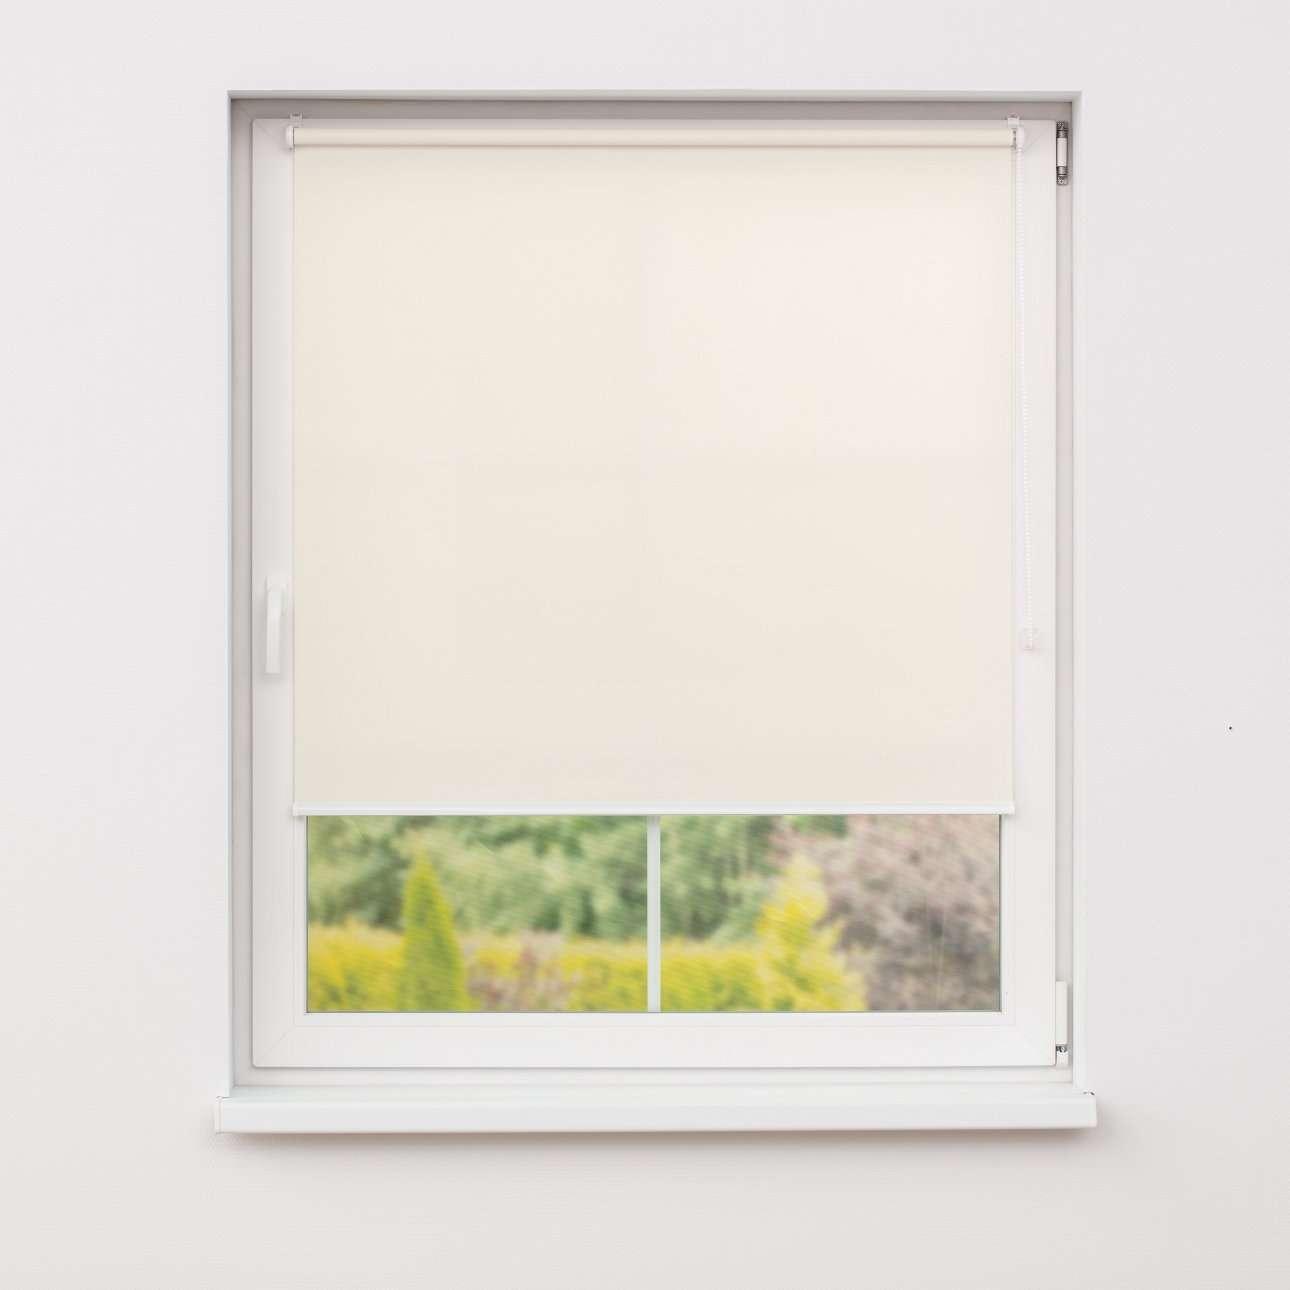 Mini roleta prosta w kolekcji Rolety zwijane transparentne, tkanina: 4905